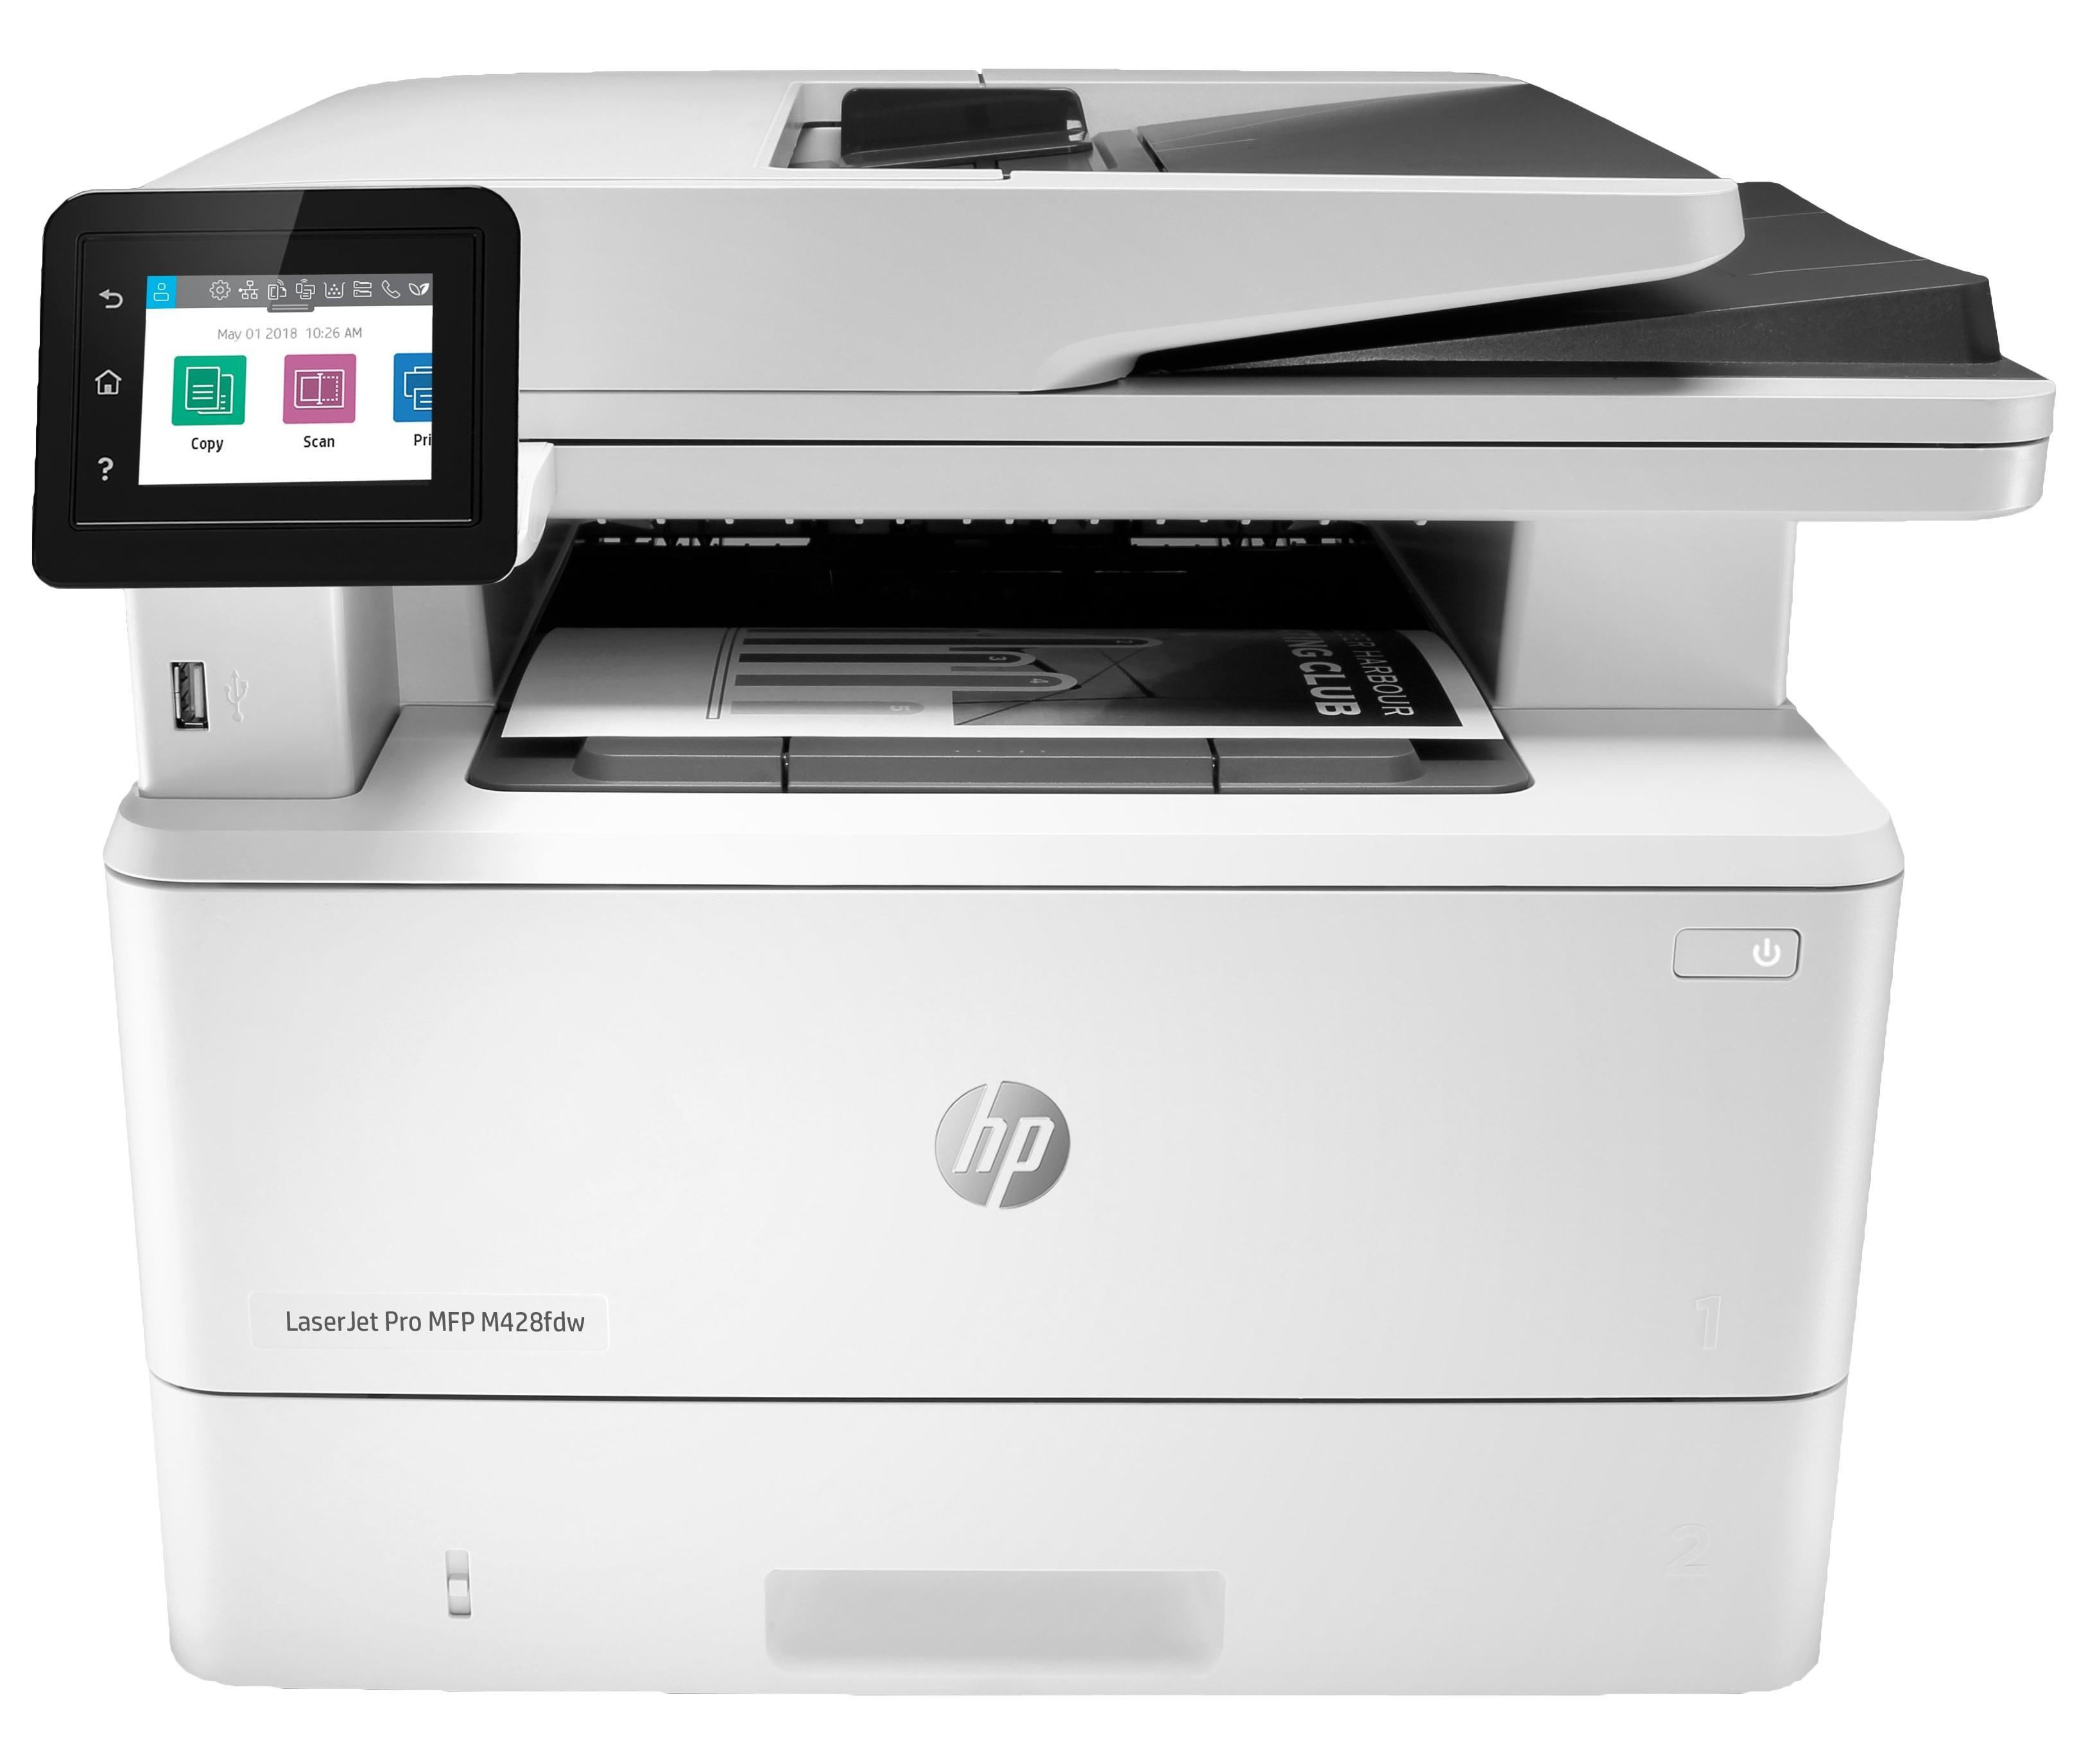 LaserJet Pro M428fdw Printer